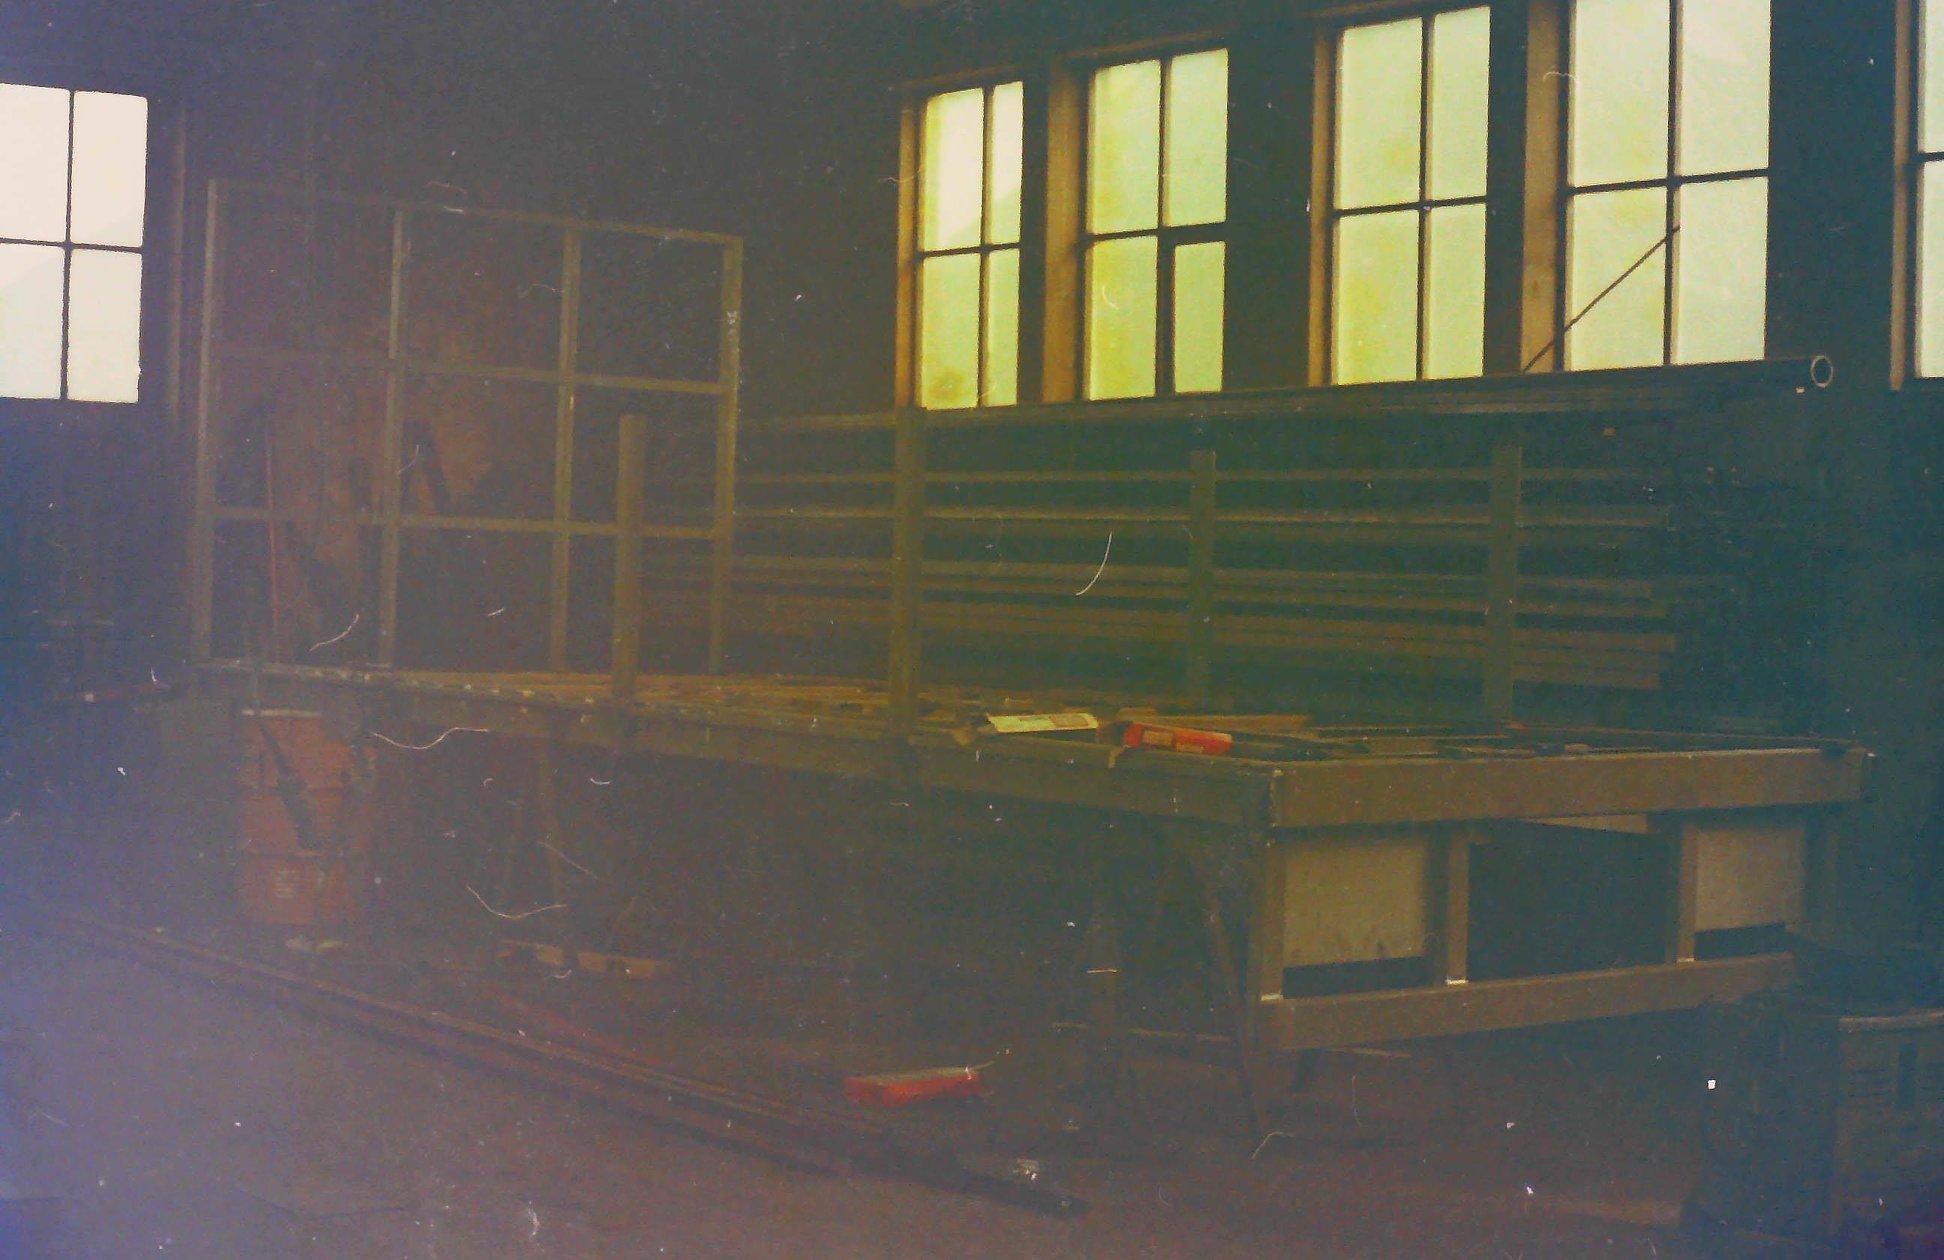 oude-foto-s-van-de-altijd-volle-loodsen-van-Rondaan-Carrosserie-en-Wagenbouw-in-Beetgum-8